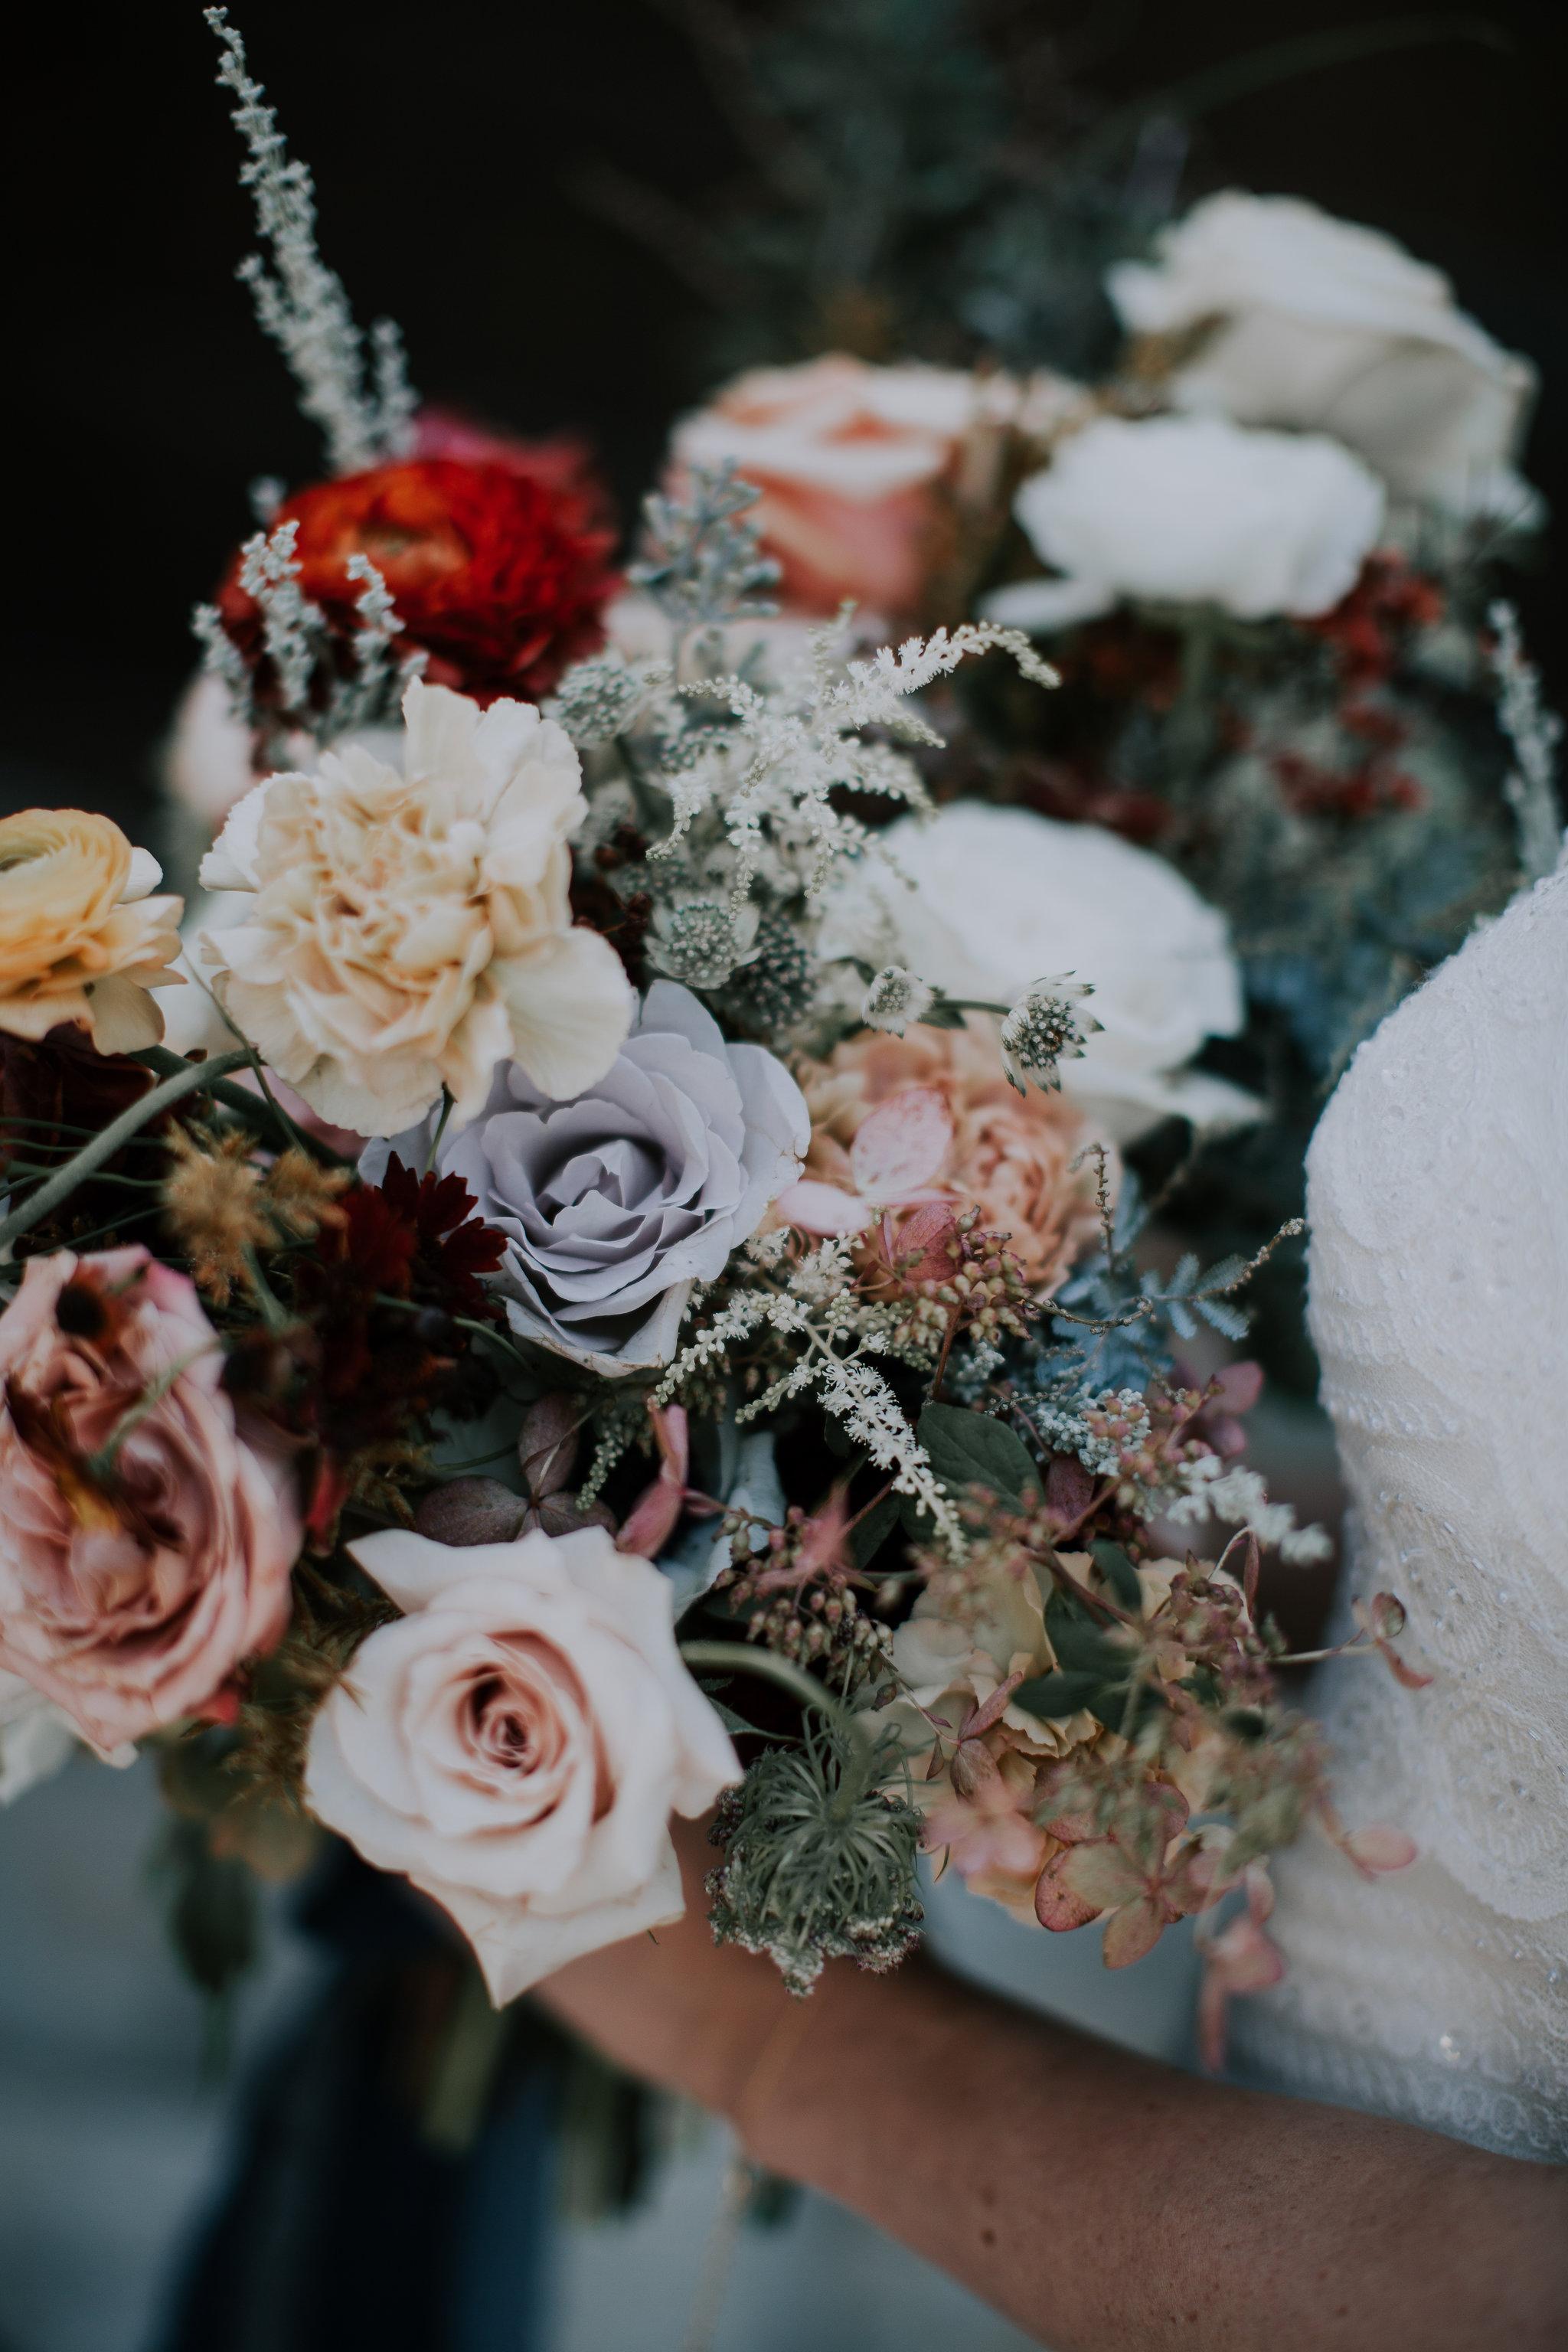 Backyard-Wedding-Montara-California-Megan-Josh-Vafa-Photo-224.jpg